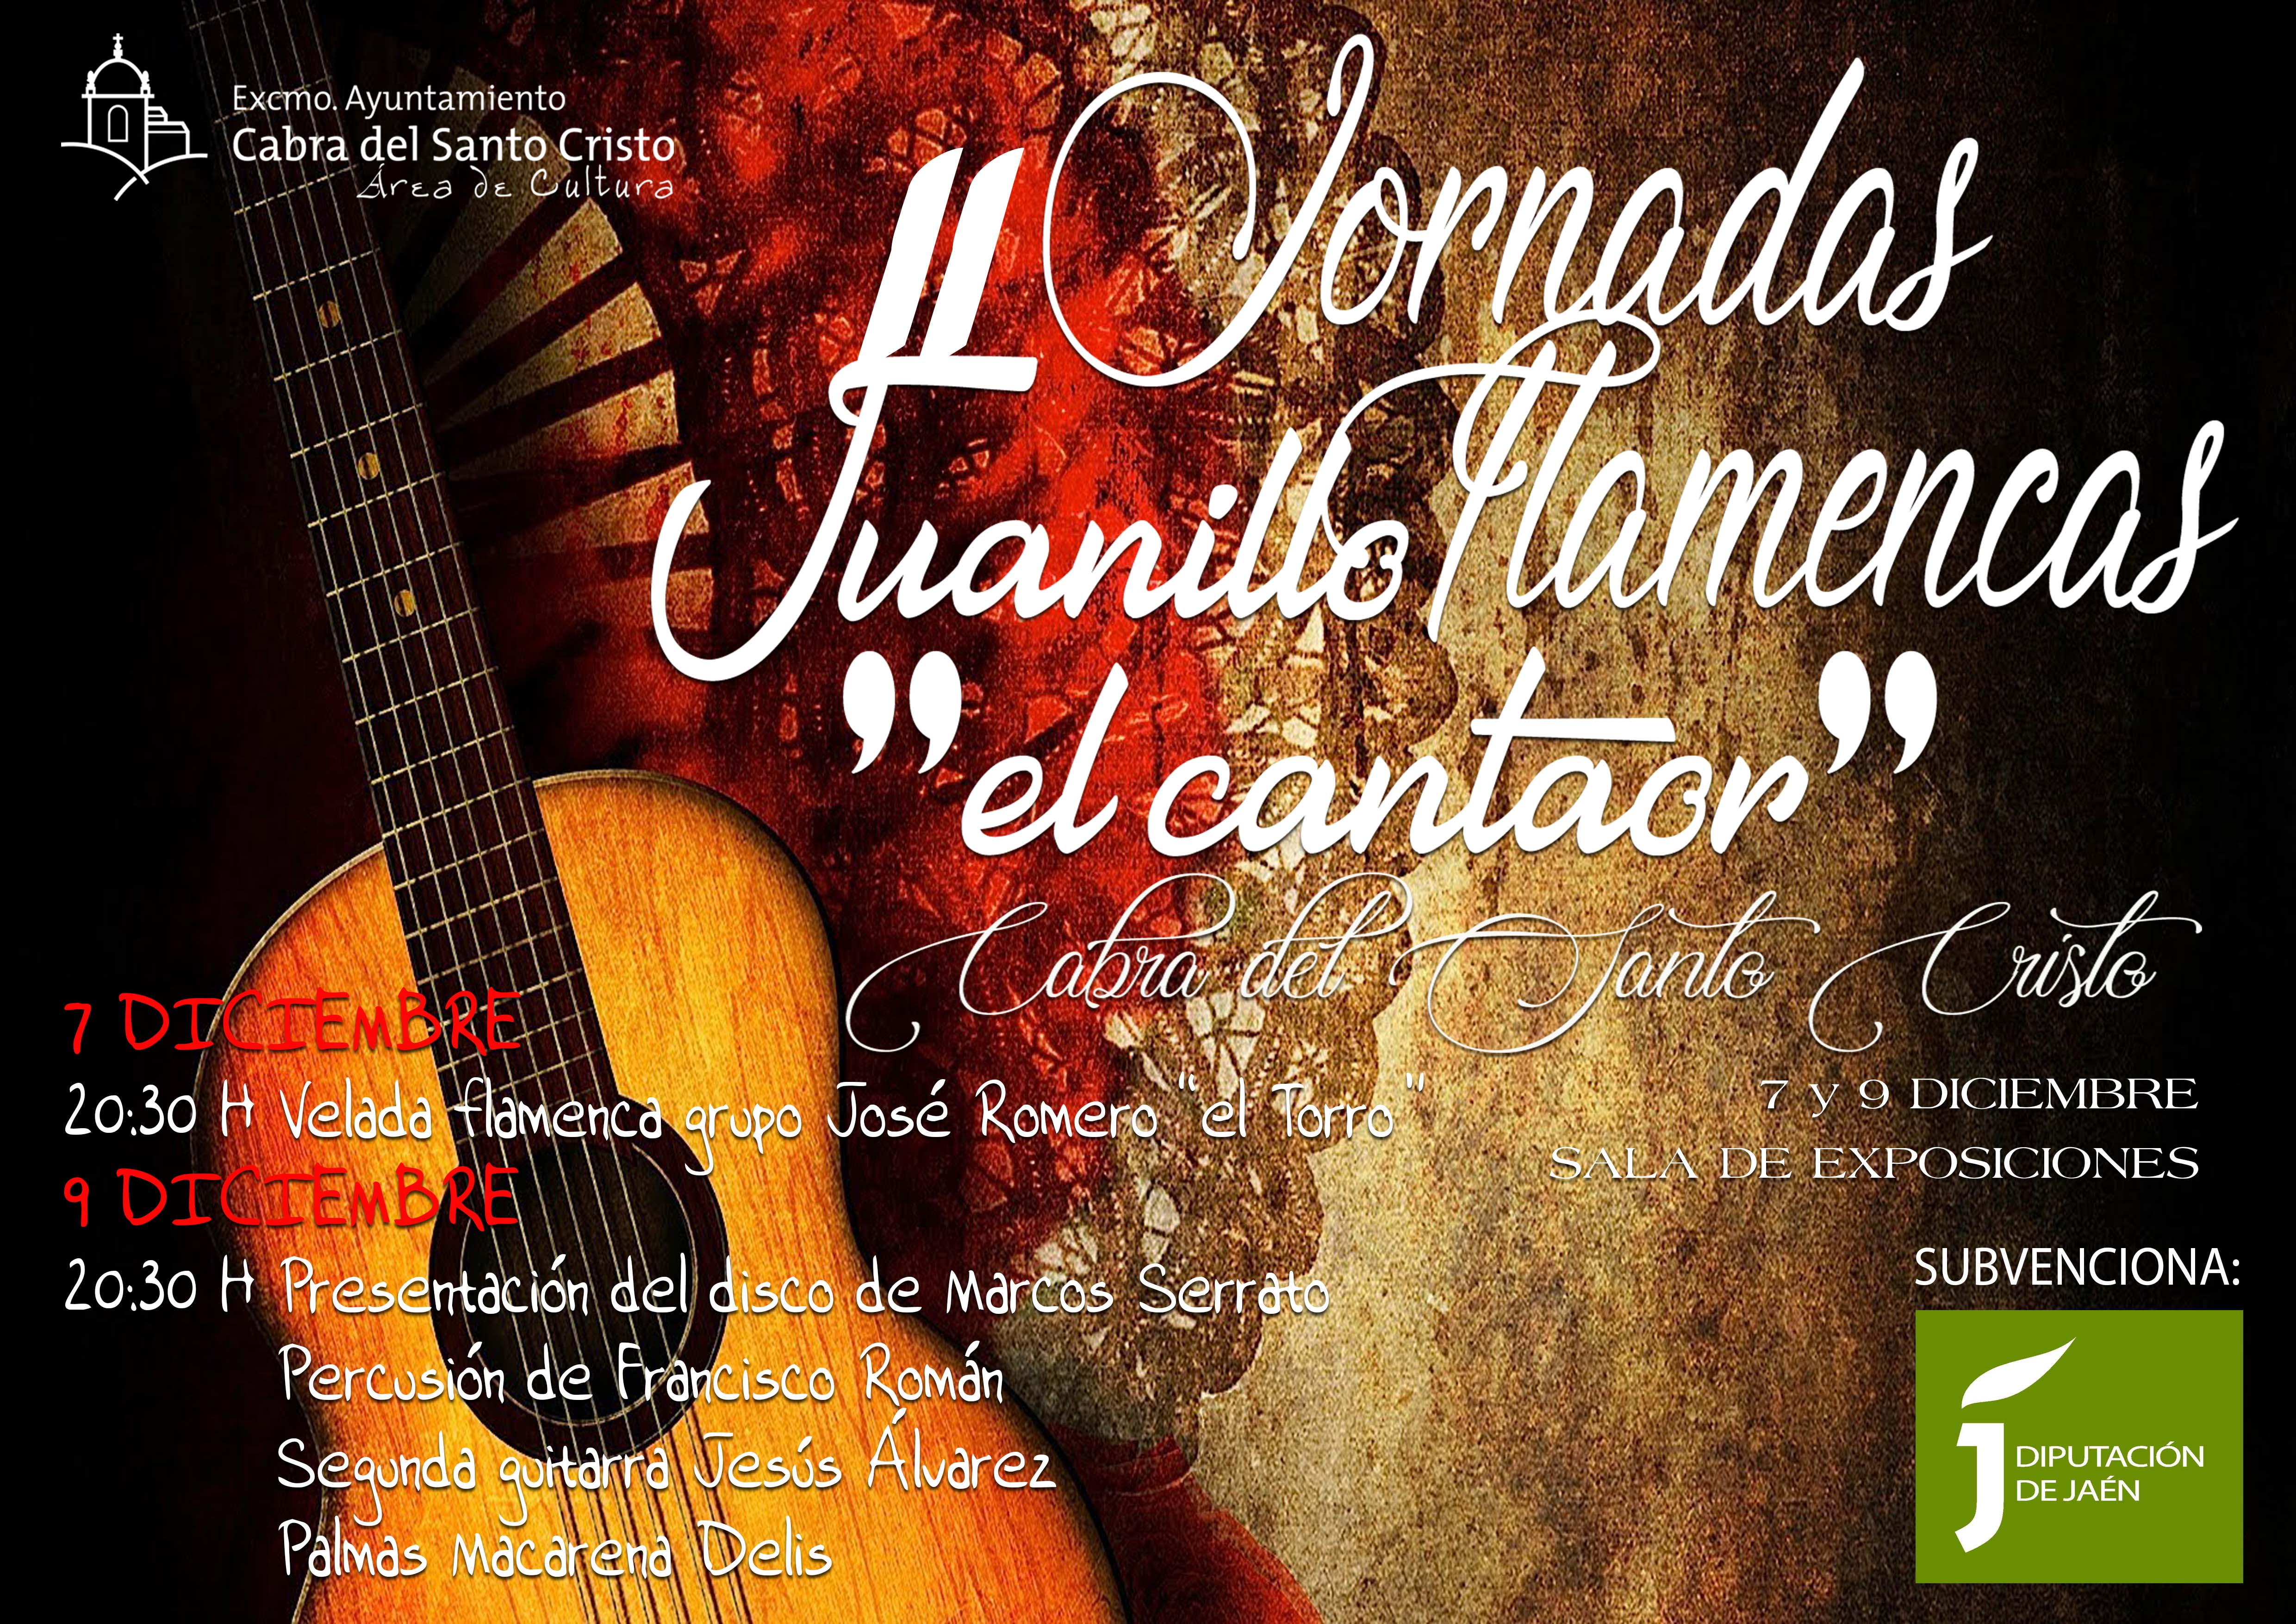 II JORNADAS FLAMENCAS JUANILLO EL CANTAOR